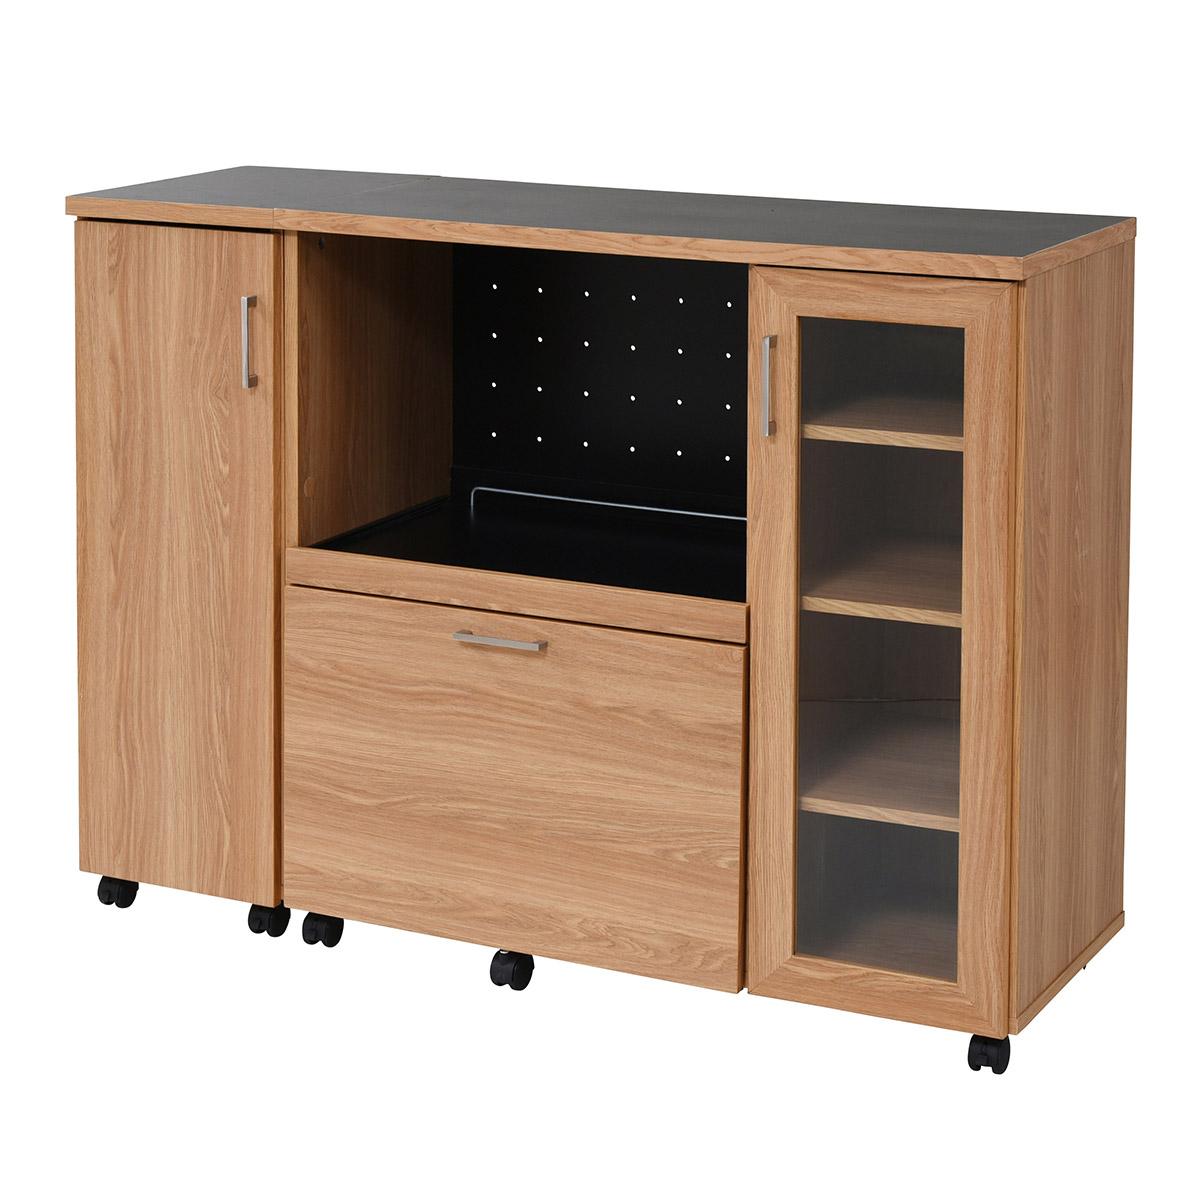 北欧キッチンシリーズ 幅120 キッチンカウンター収納庫付き 送料無料 激安セール アウトレット価格